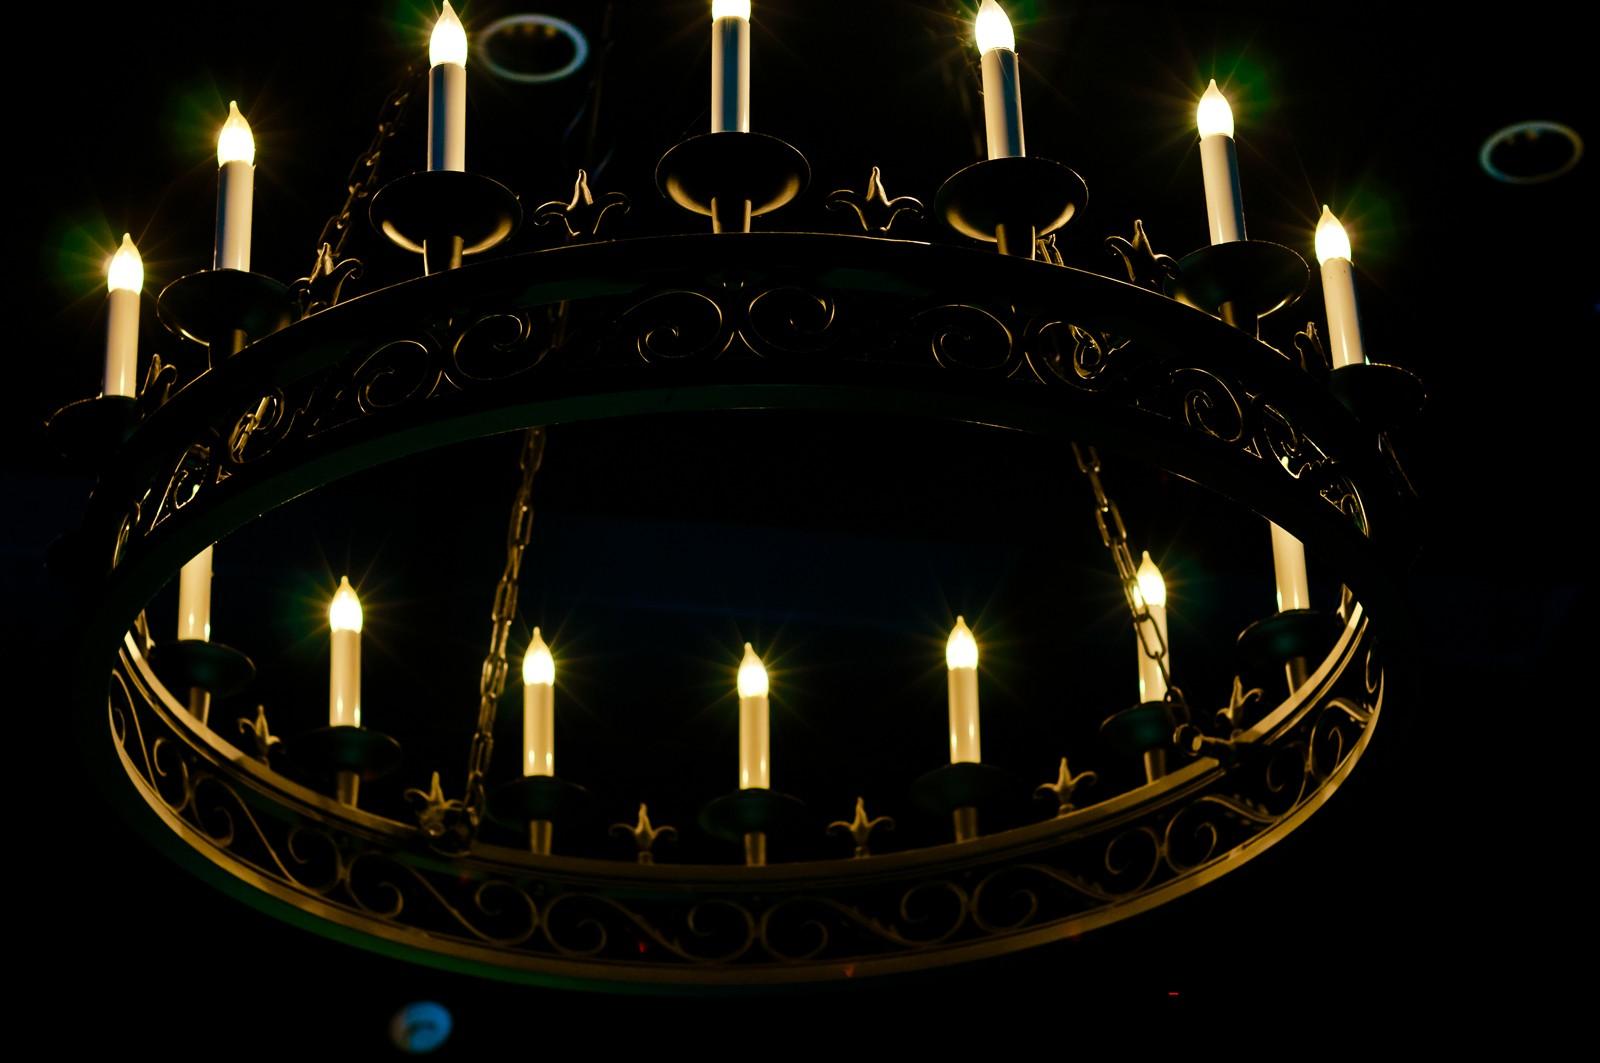 light-ring-6336